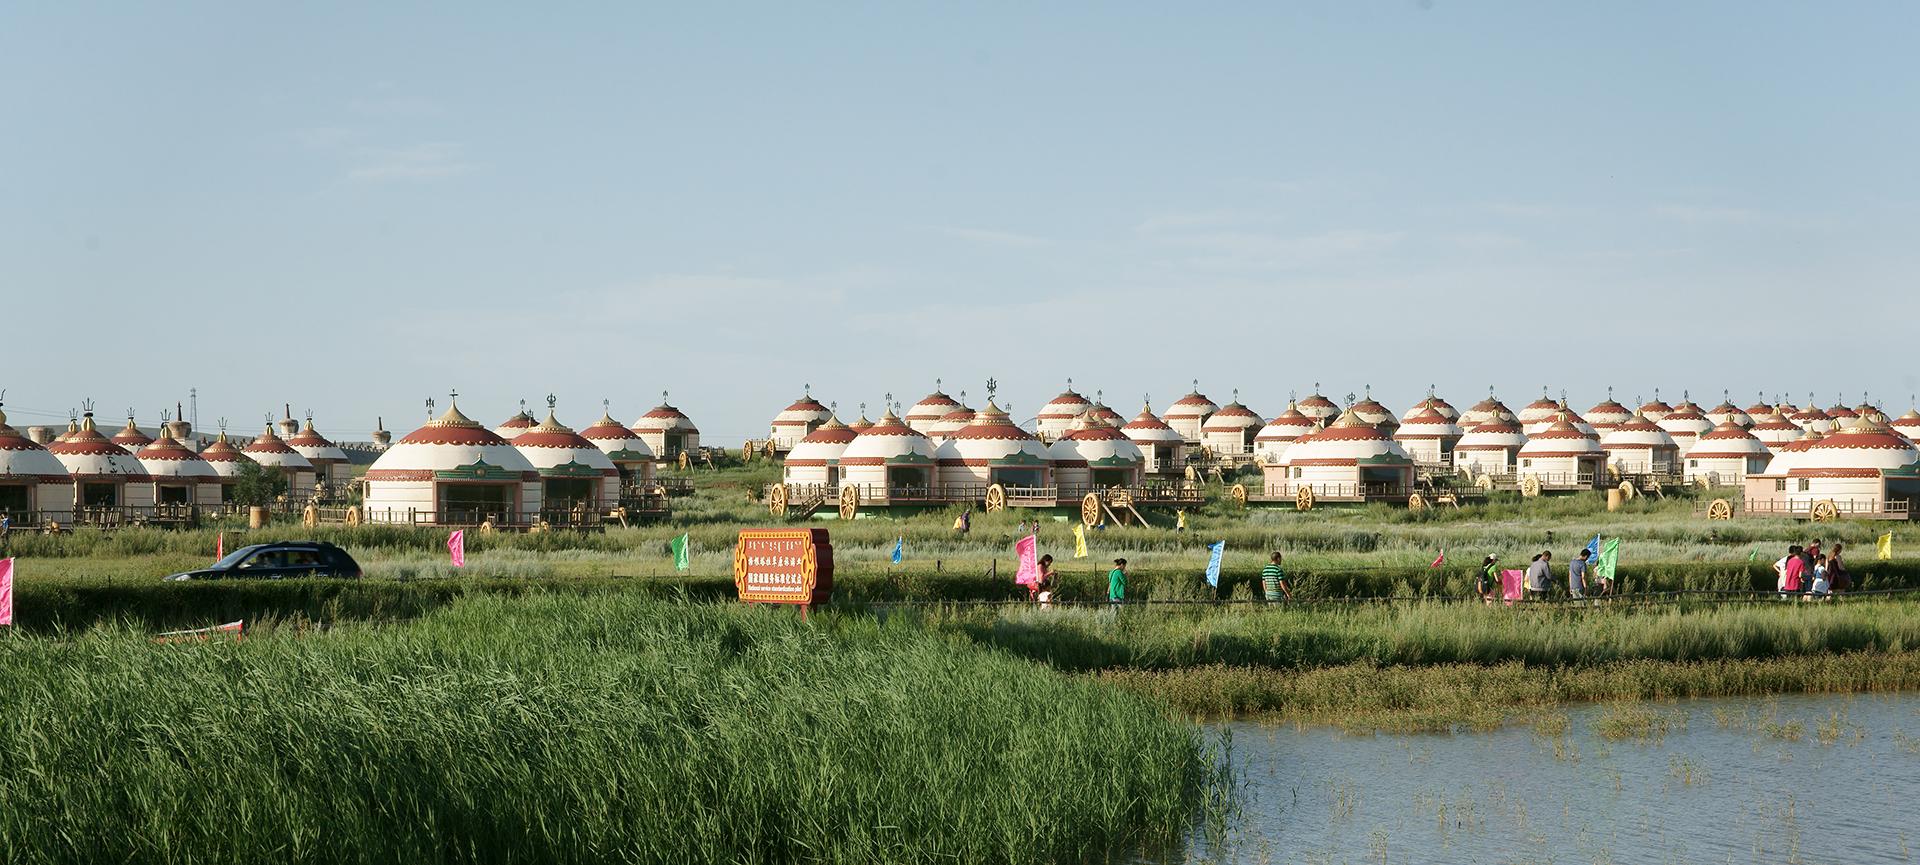 多彩内蒙古,亮丽风景线插图(5)